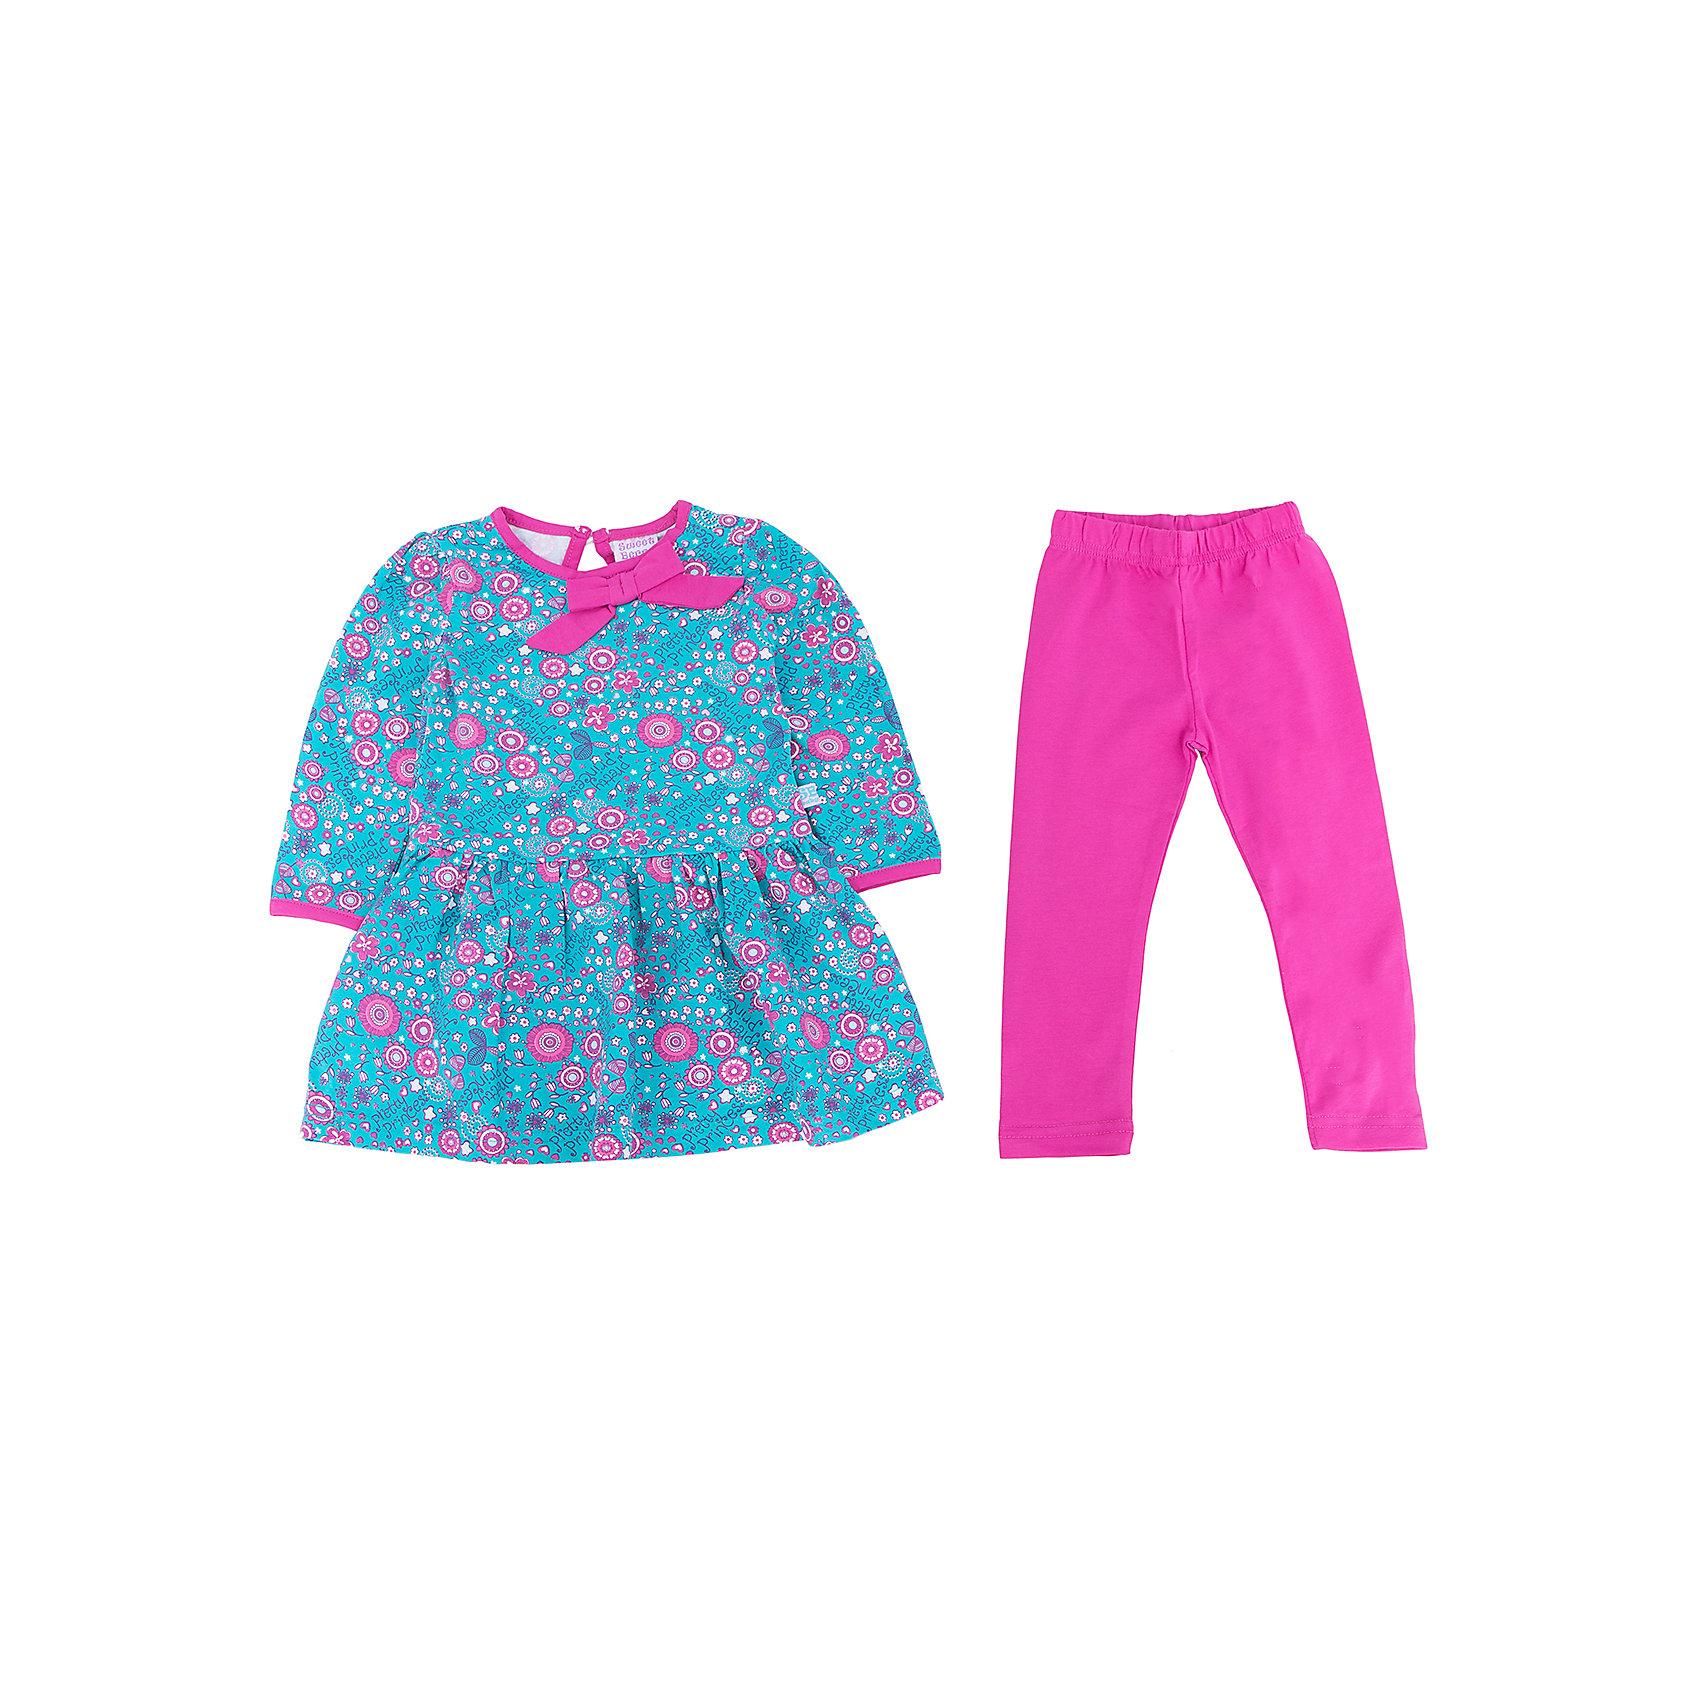 Комплект для девочки: платье и леггинсы Sweet BerryТакое платье с леггинсами отличается модным дизайном с ярким принтом. Удачный крой обеспечит ребенку комфорт и тепло. Плотный материал делает вещи идеальными для прохладной погоды. Они хорошо прилегают к телу там, где нужно, и отлично сидят по фигуре. Натуральный хлопок в составе ткани обеспечит коже возможность дышать и не вызовет аллергии.<br>Одежда от бренда Sweet Berry - это простой и выгодный способ одеть ребенка удобно и стильно. Всё изделия тщательно проработаны: швы - прочные, материал - качественный, фурнитура - подобранная специально для детей.<br><br>Дополнительная информация:<br><br>цвет: голубой, розовый;<br>материал: 95% хлопок, 5% эластан;<br>платье декорировано принтом.<br><br>Комплект для девочки: платье и леггинсы от бренда Sweet Berry можно купить в нашем интернет-магазине.<br><br>Ширина мм: 236<br>Глубина мм: 16<br>Высота мм: 184<br>Вес г: 177<br>Цвет: голубой<br>Возраст от месяцев: 12<br>Возраст до месяцев: 15<br>Пол: Женский<br>Возраст: Детский<br>Размер: 80,98,92,86<br>SKU: 4931123